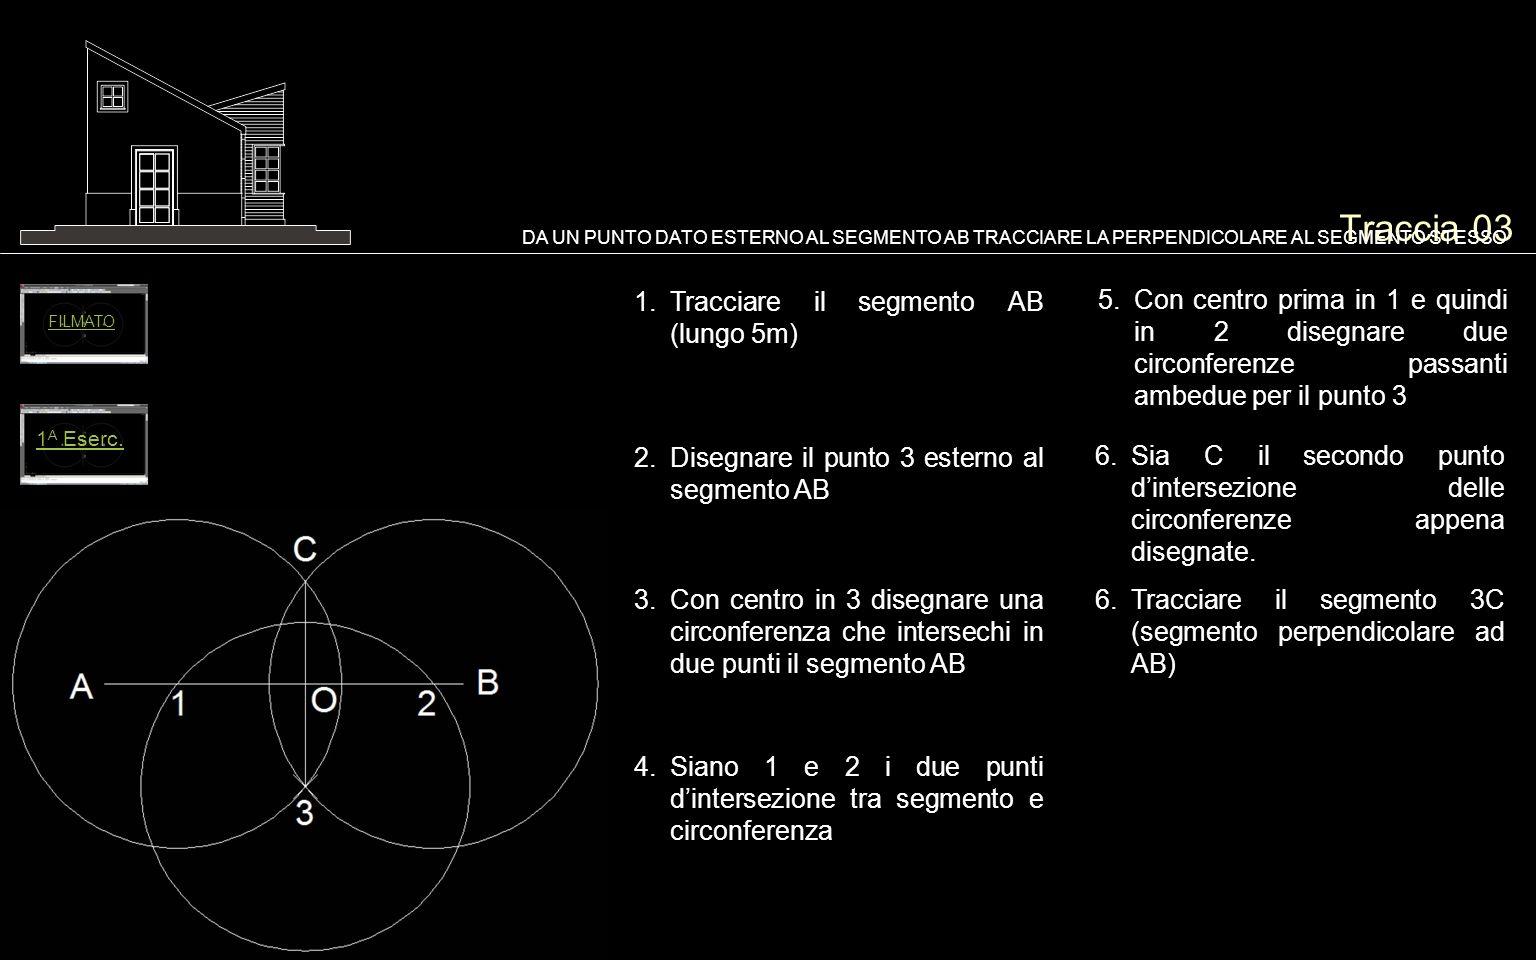 Traccia 03 1.Tracciare il segmento AB (lungo 5m) DA UN PUNTO DATO ESTERNO AL SEGMENTO AB TRACCIARE LA PERPENDICOLARE AL SEGMENTO STESSO 2.Disegnare il